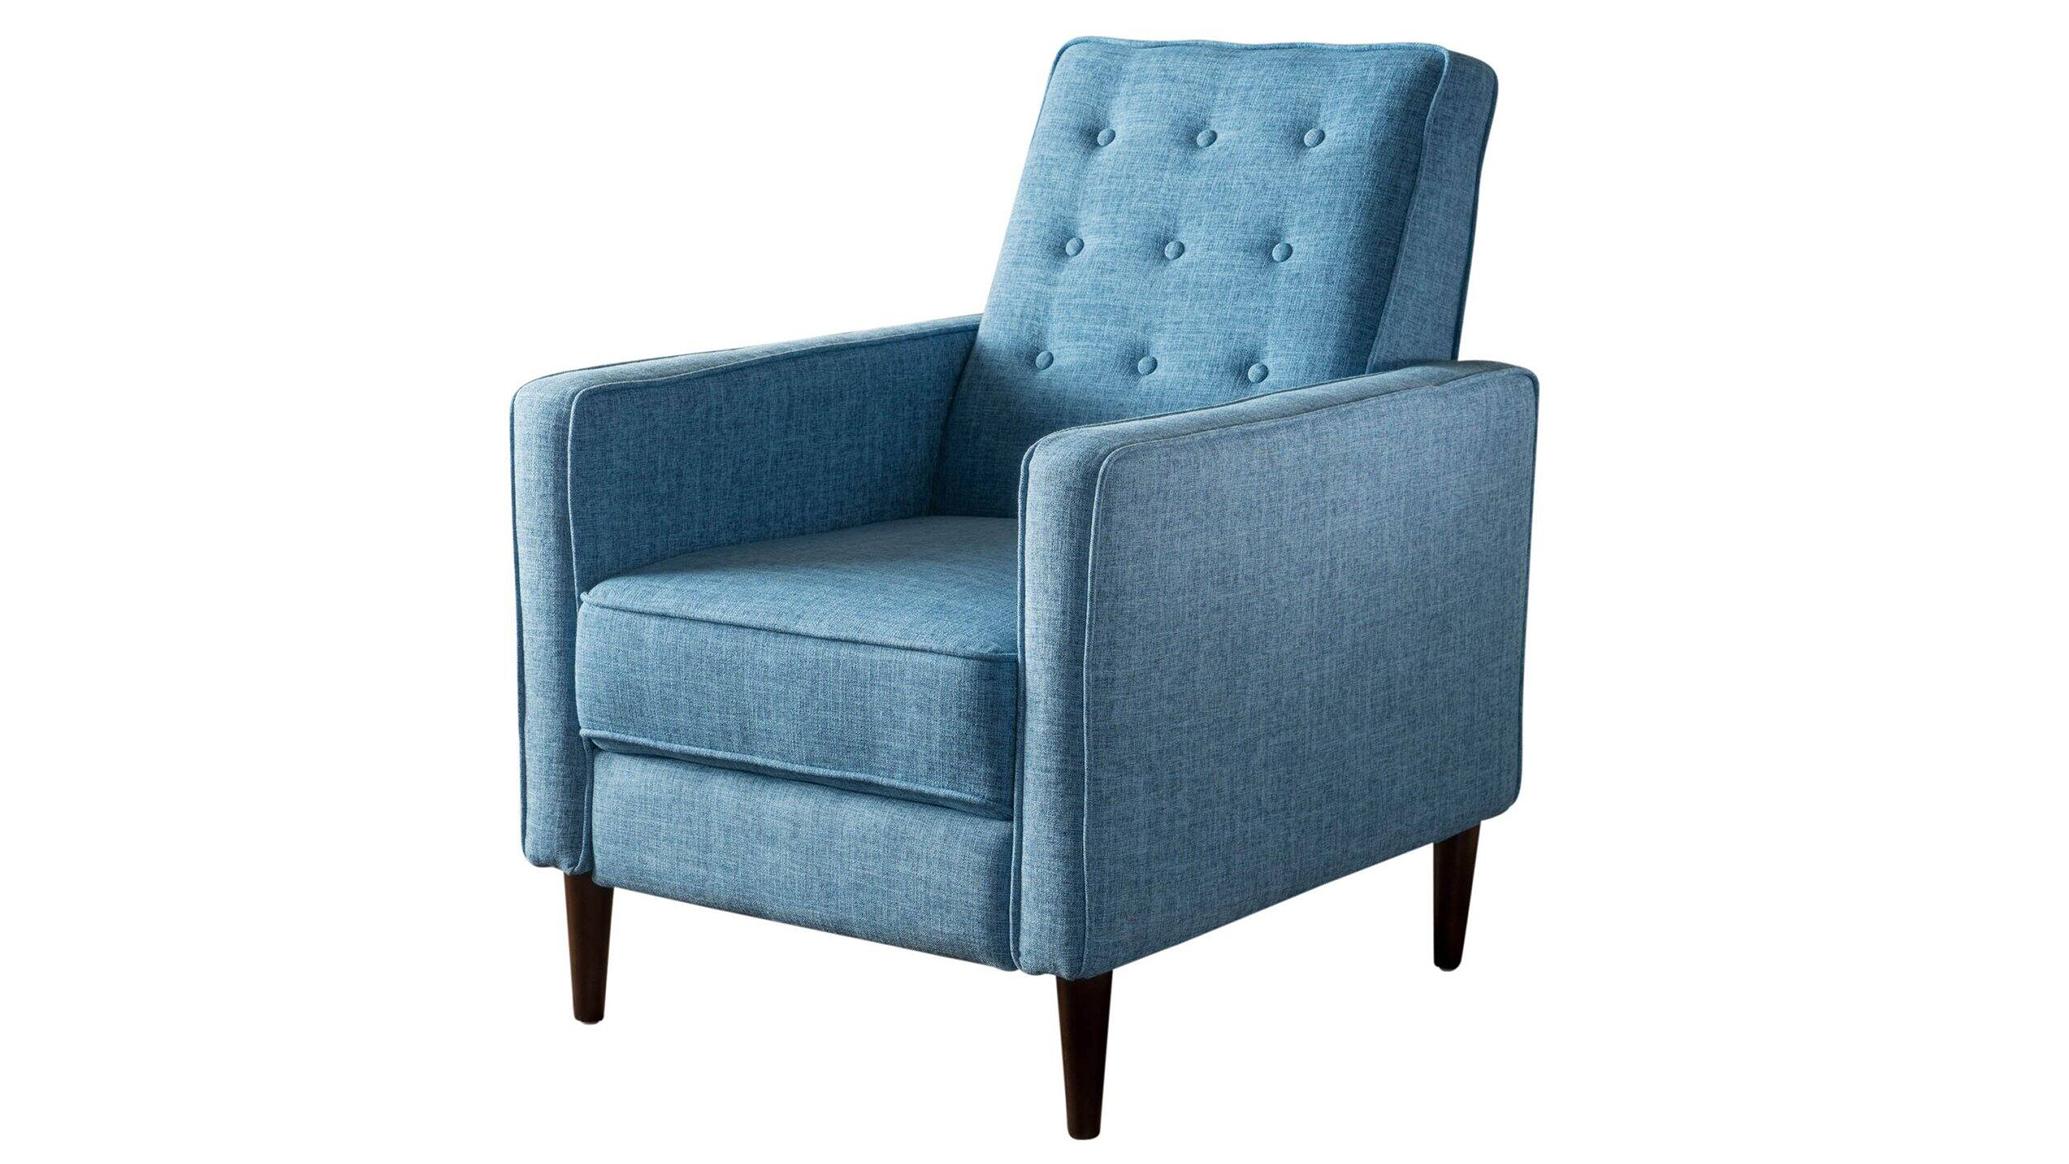 Mervynn tufted recliner